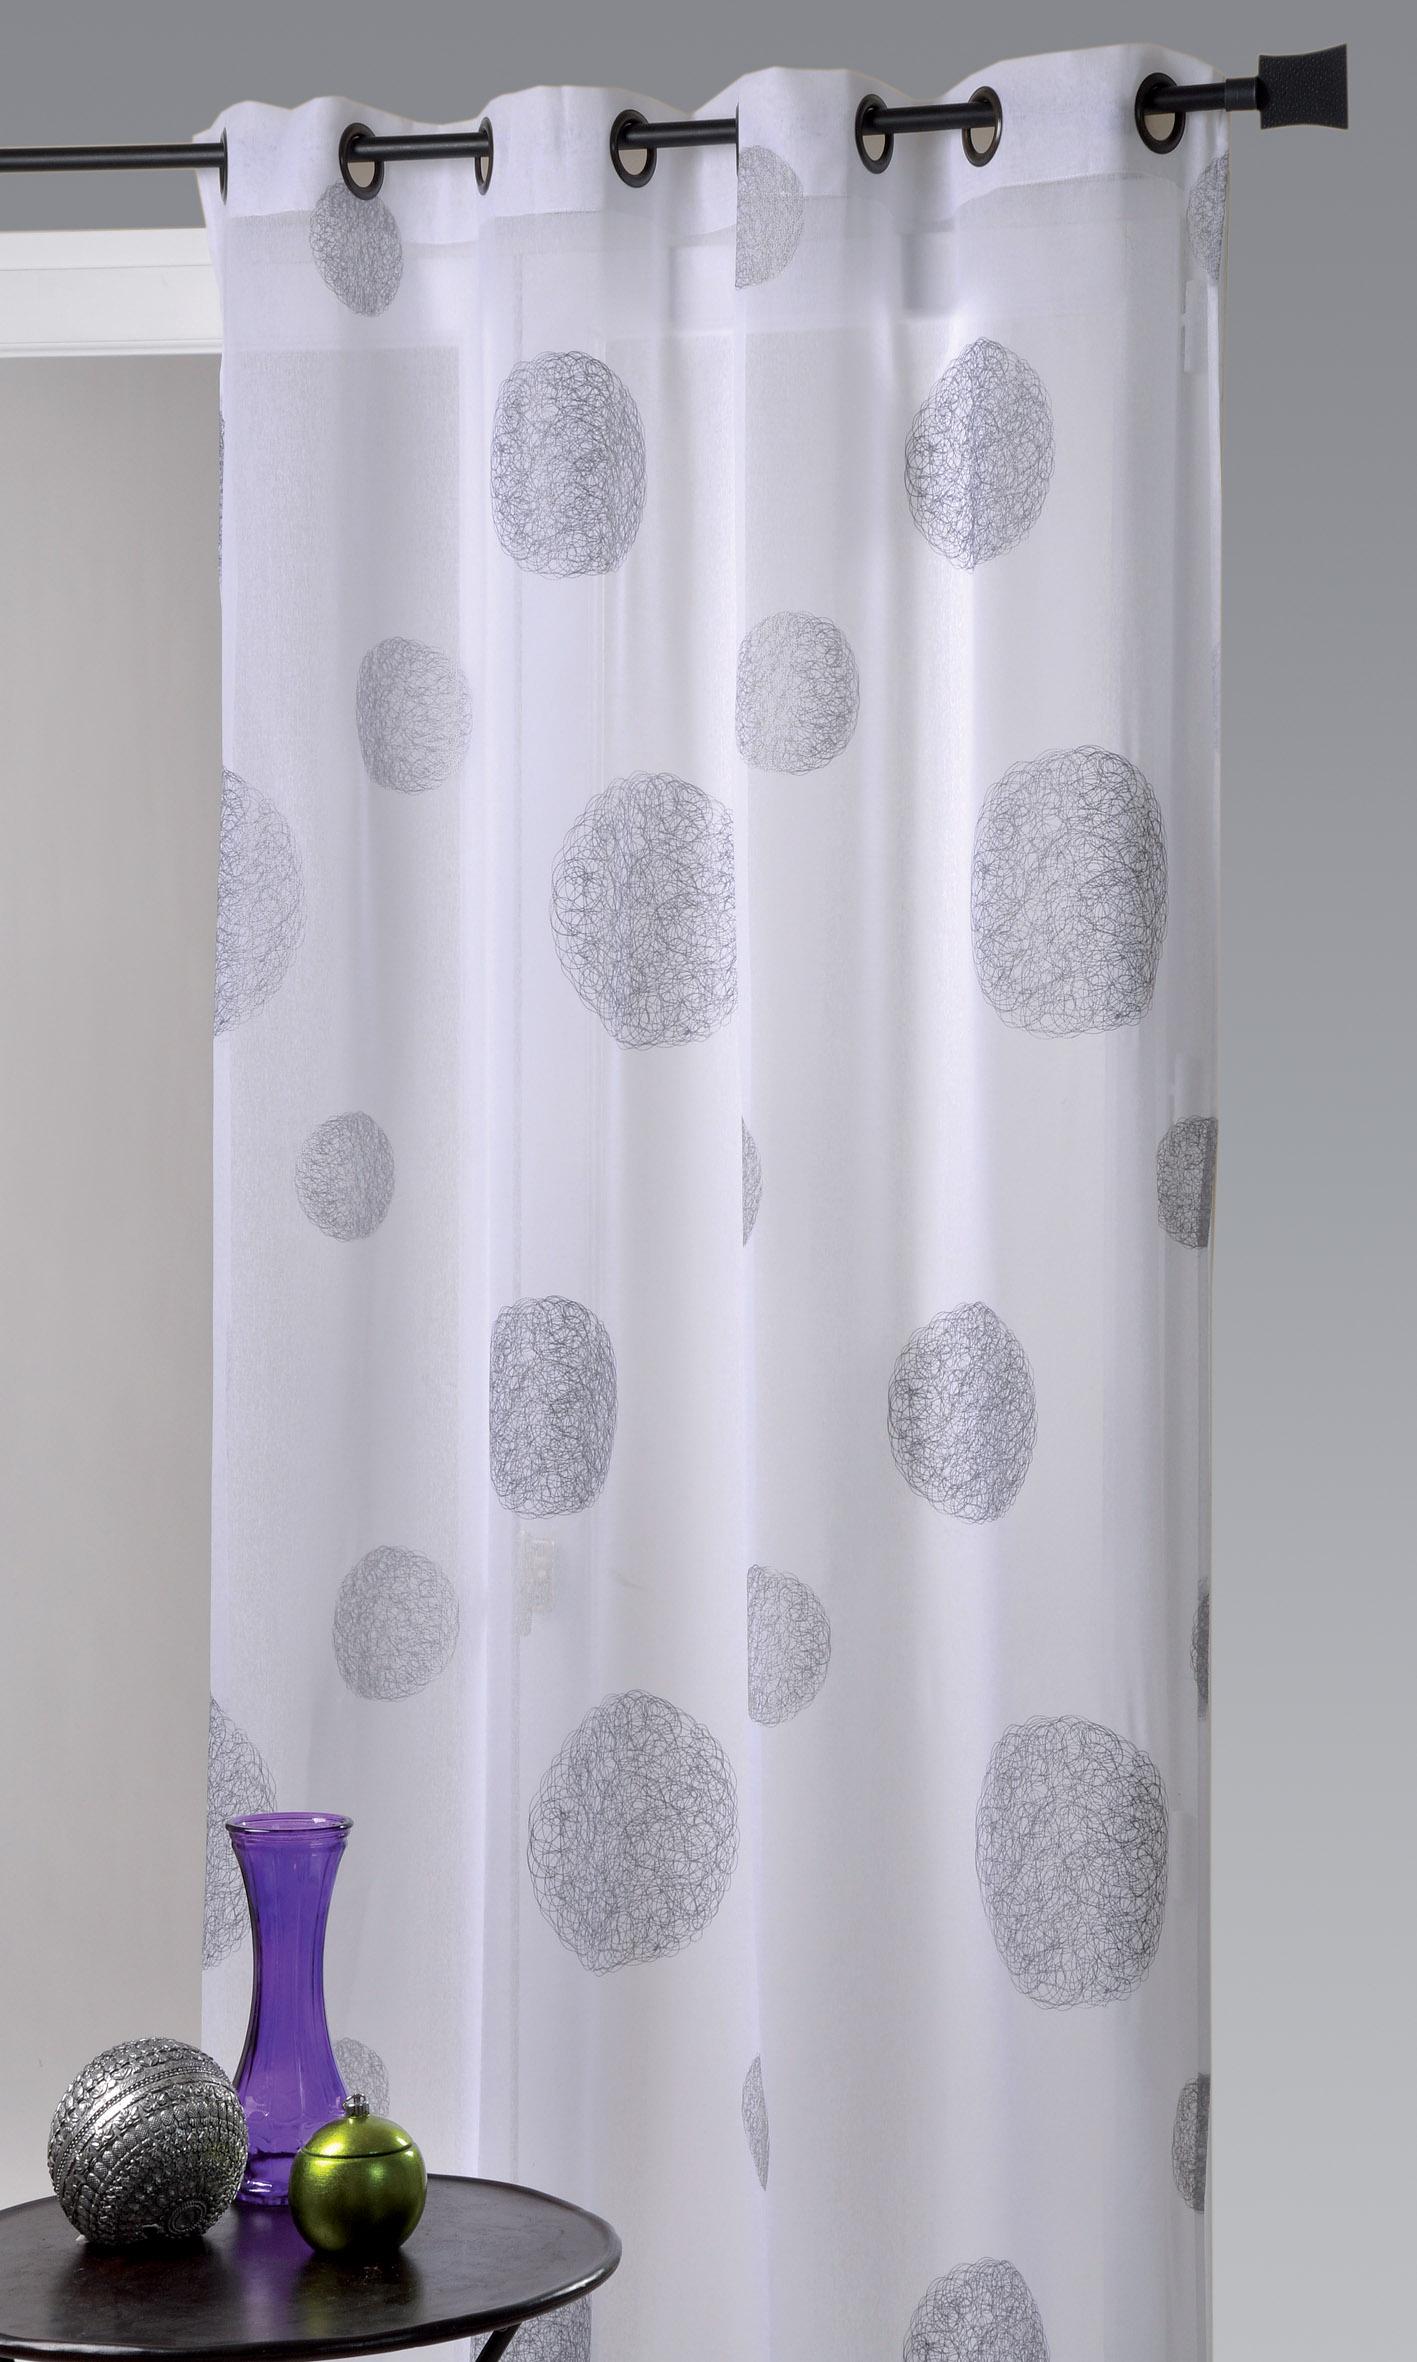 voilage blanc motif gris. Black Bedroom Furniture Sets. Home Design Ideas